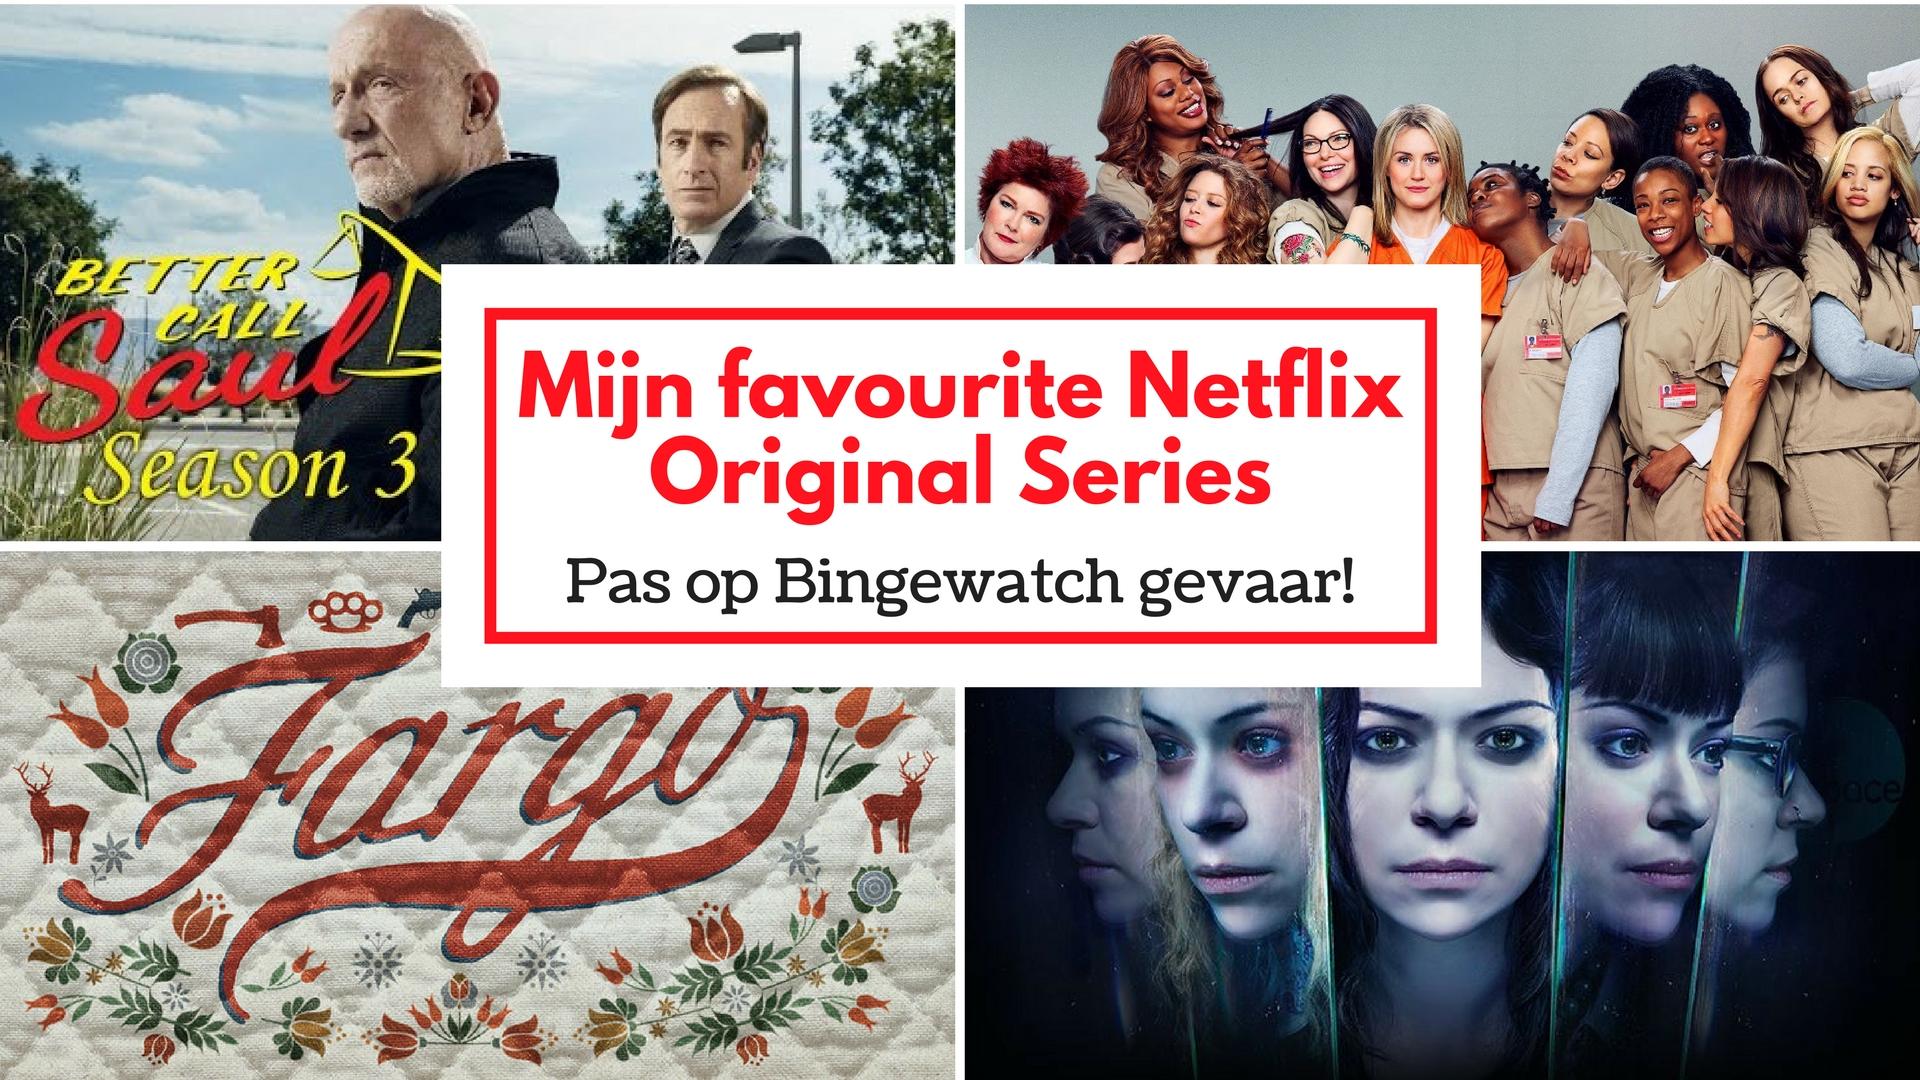 Mijn favourite Netflix Original Series